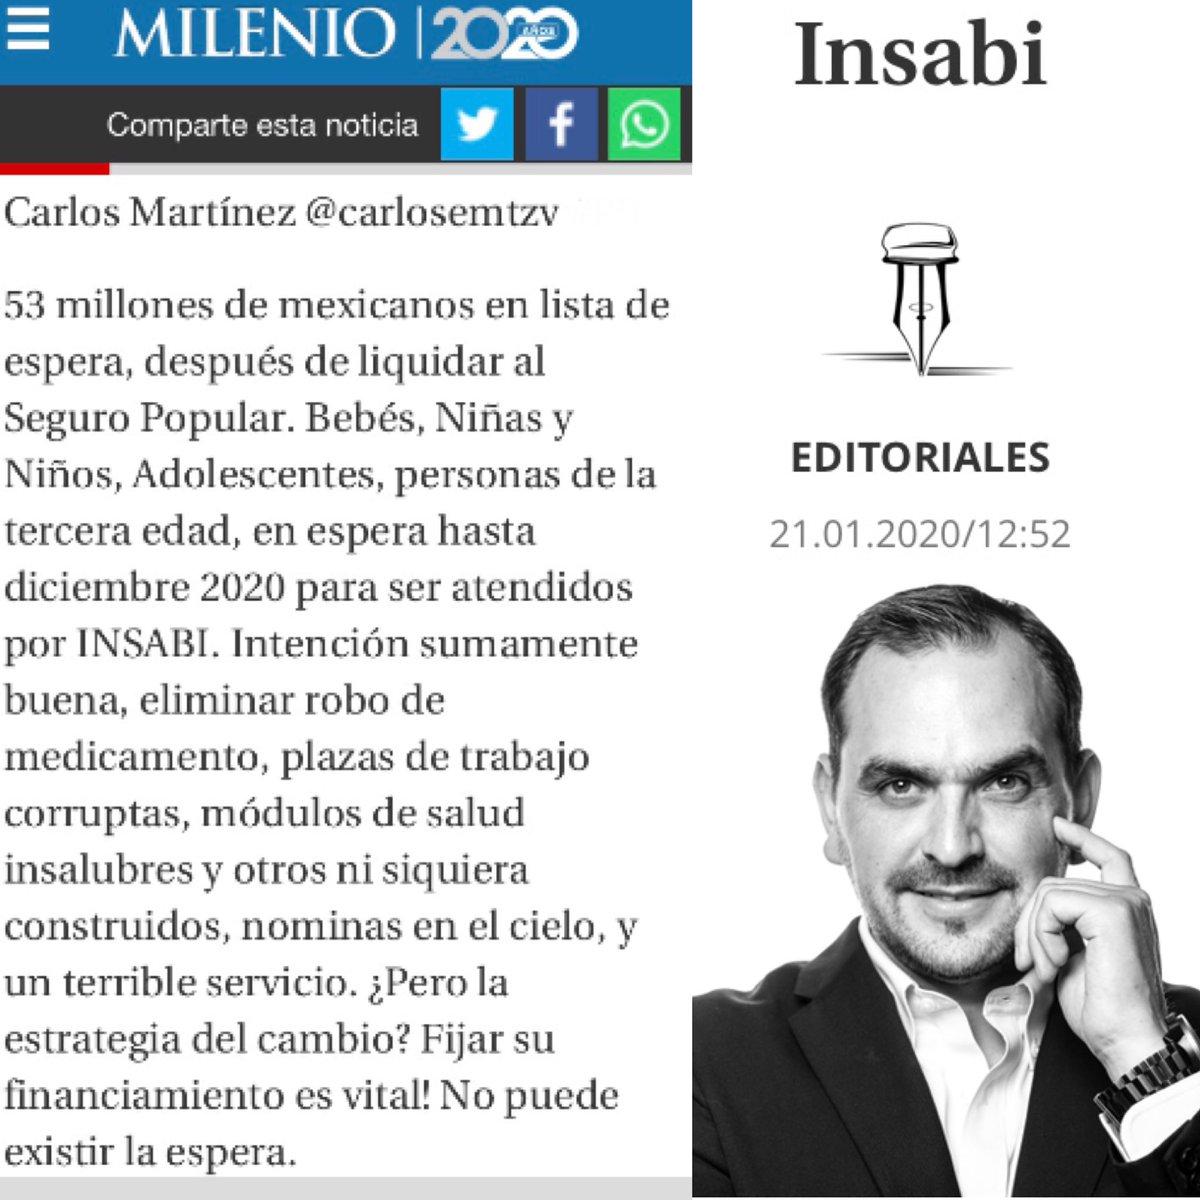 """Te invito a leer el espacio de #DebateGeneracional, como todos los Martes en @MilenioJalisco , el día de hoy! Tema: """"INSABI""""... ¿Cuál es tu opinión? #Milenio #Martes #Jalisco #Mexico #Columna #Salud #Hospitales #Gobierno #Medicina @Milenio"""